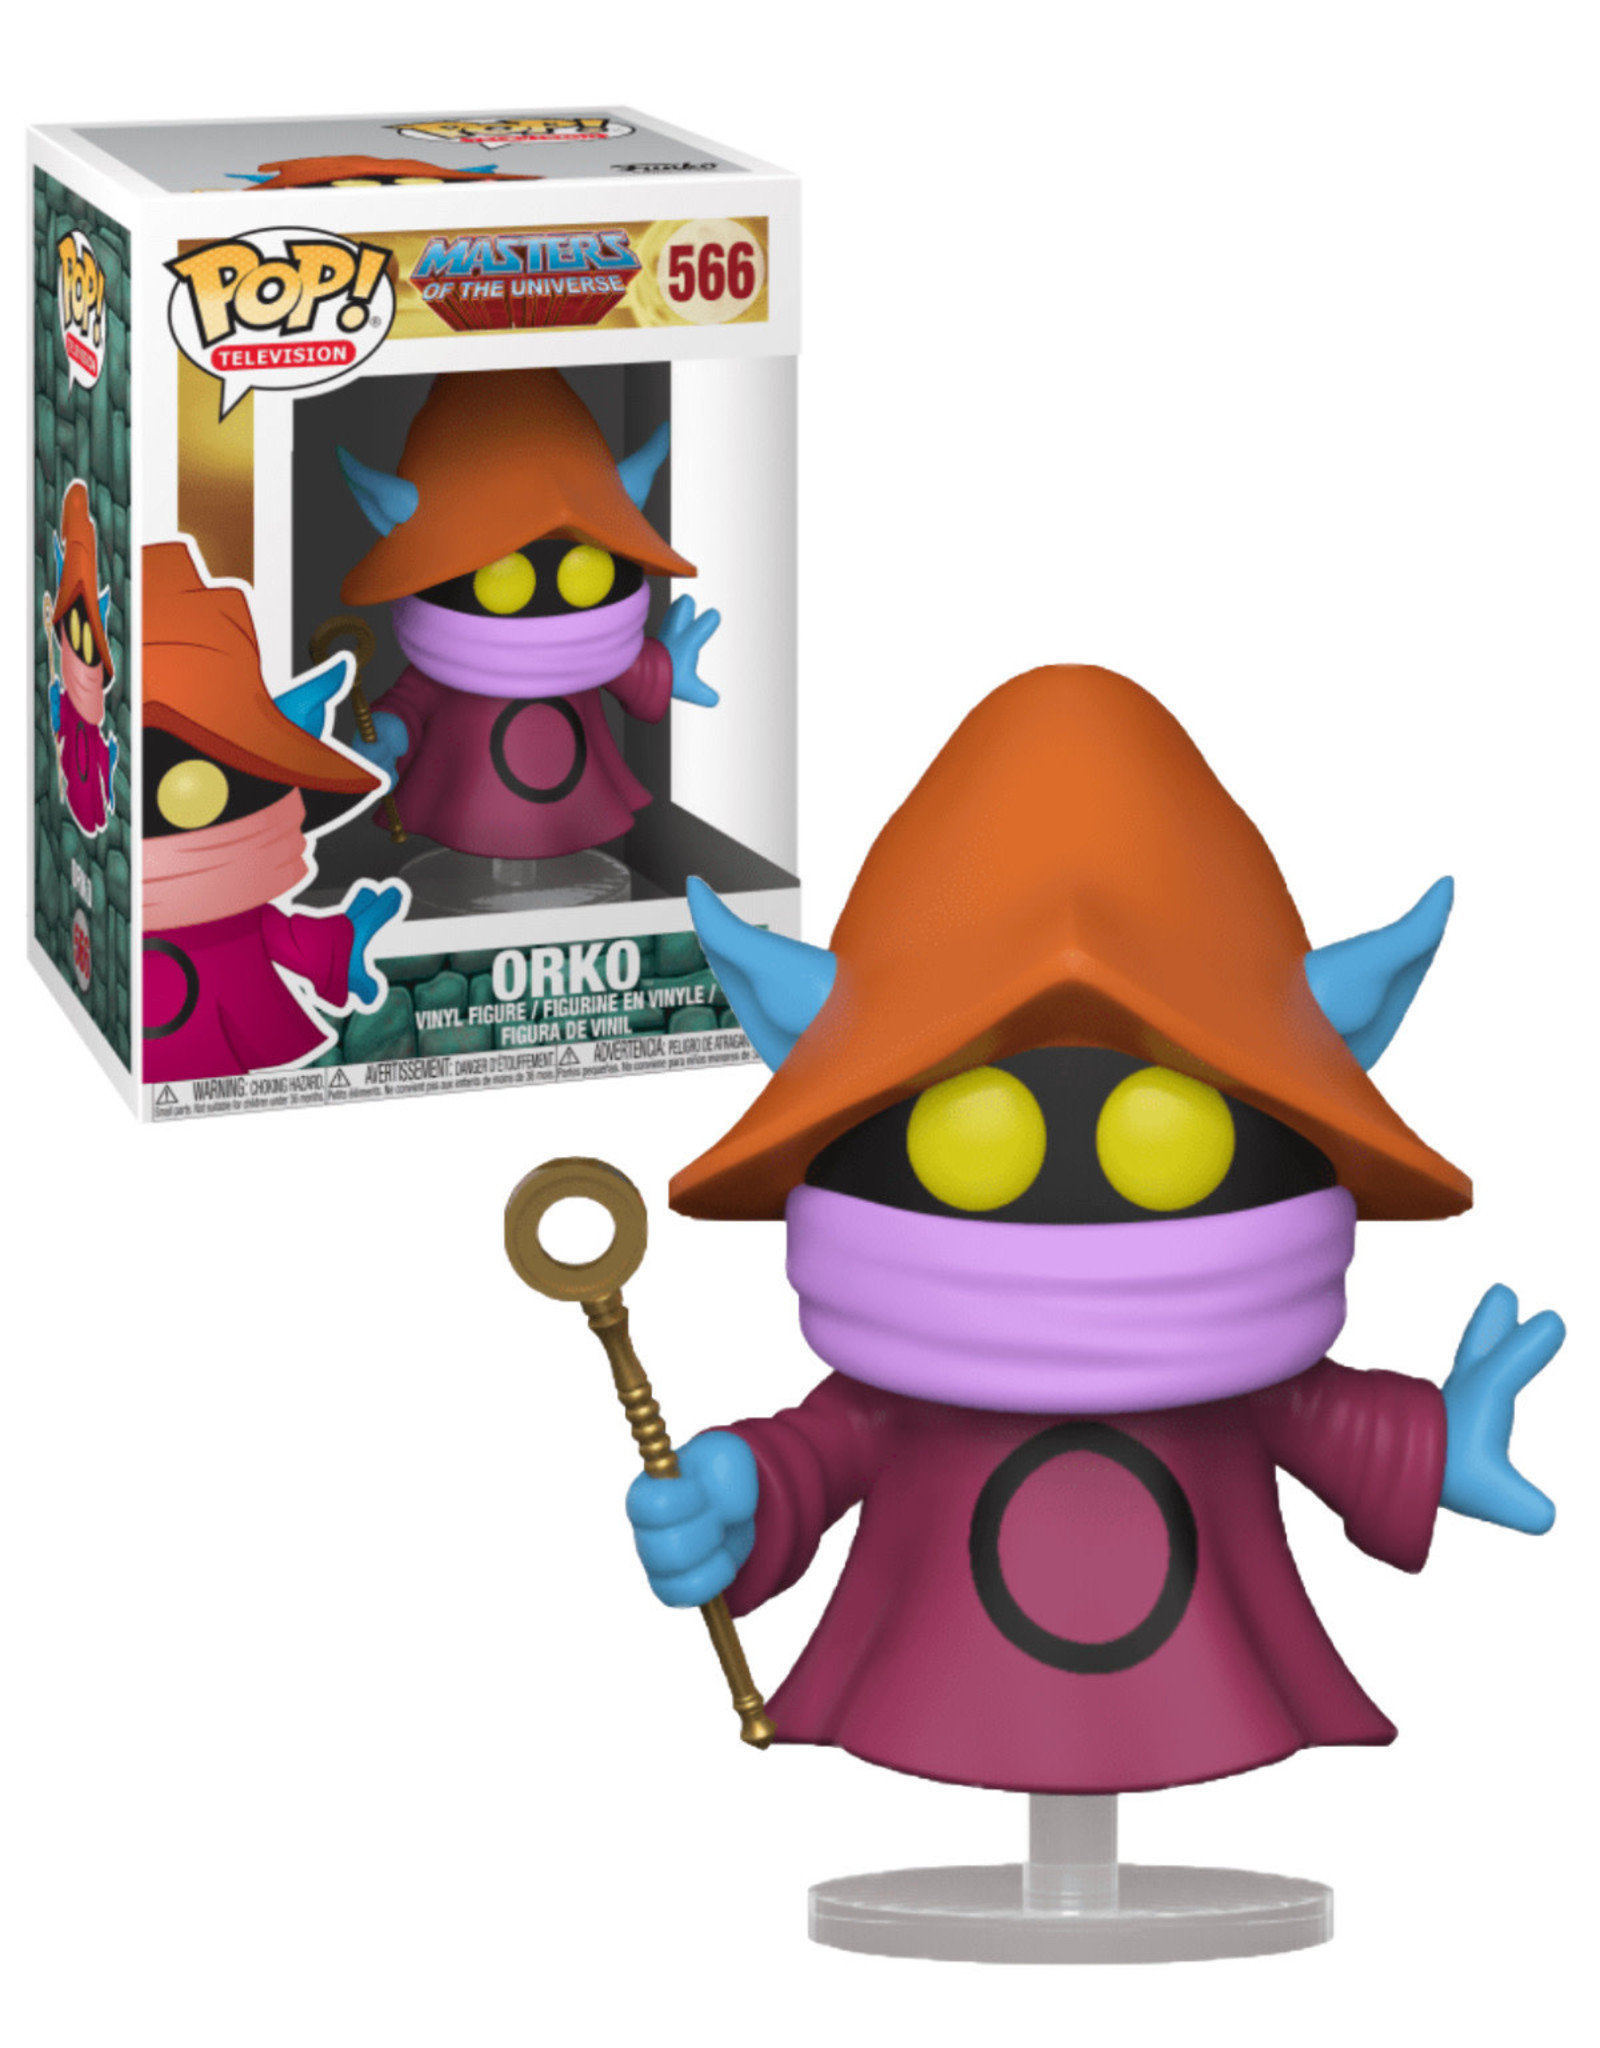 Masters of the Universe 566 ( Funko Pop ) Orko